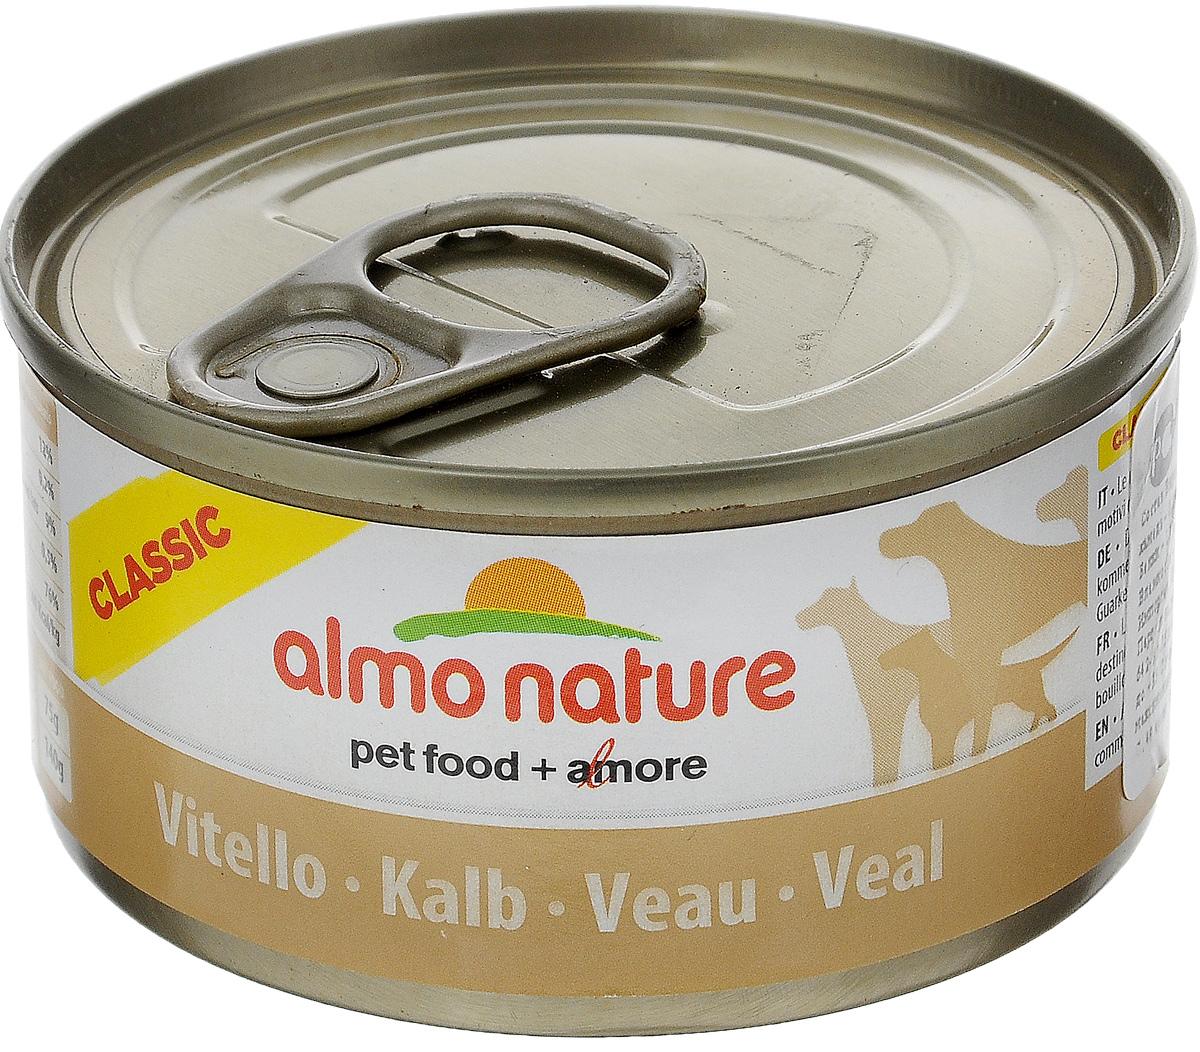 Консервы для собак Almo Nature, с телятиной, 95 г0120710Консервы для собак Almo Nature состоят из высококачественных натуральных ингредиентов, которые пригодны для потребления человеком. Полнорационное питание для взрослых собак. Состав: вырезка телятины 50%, рис 3%, гуаровая камедь 0,2%, телячий бульон. Гарантированный анализ: неочищенный белок 12%, сырая клетчатка 0,2%, неочищенные жиры 9%, сырая зола 0,5%, влажность 76%.Калорийность: 1500 ккал/кг. Товар сертифицирован.